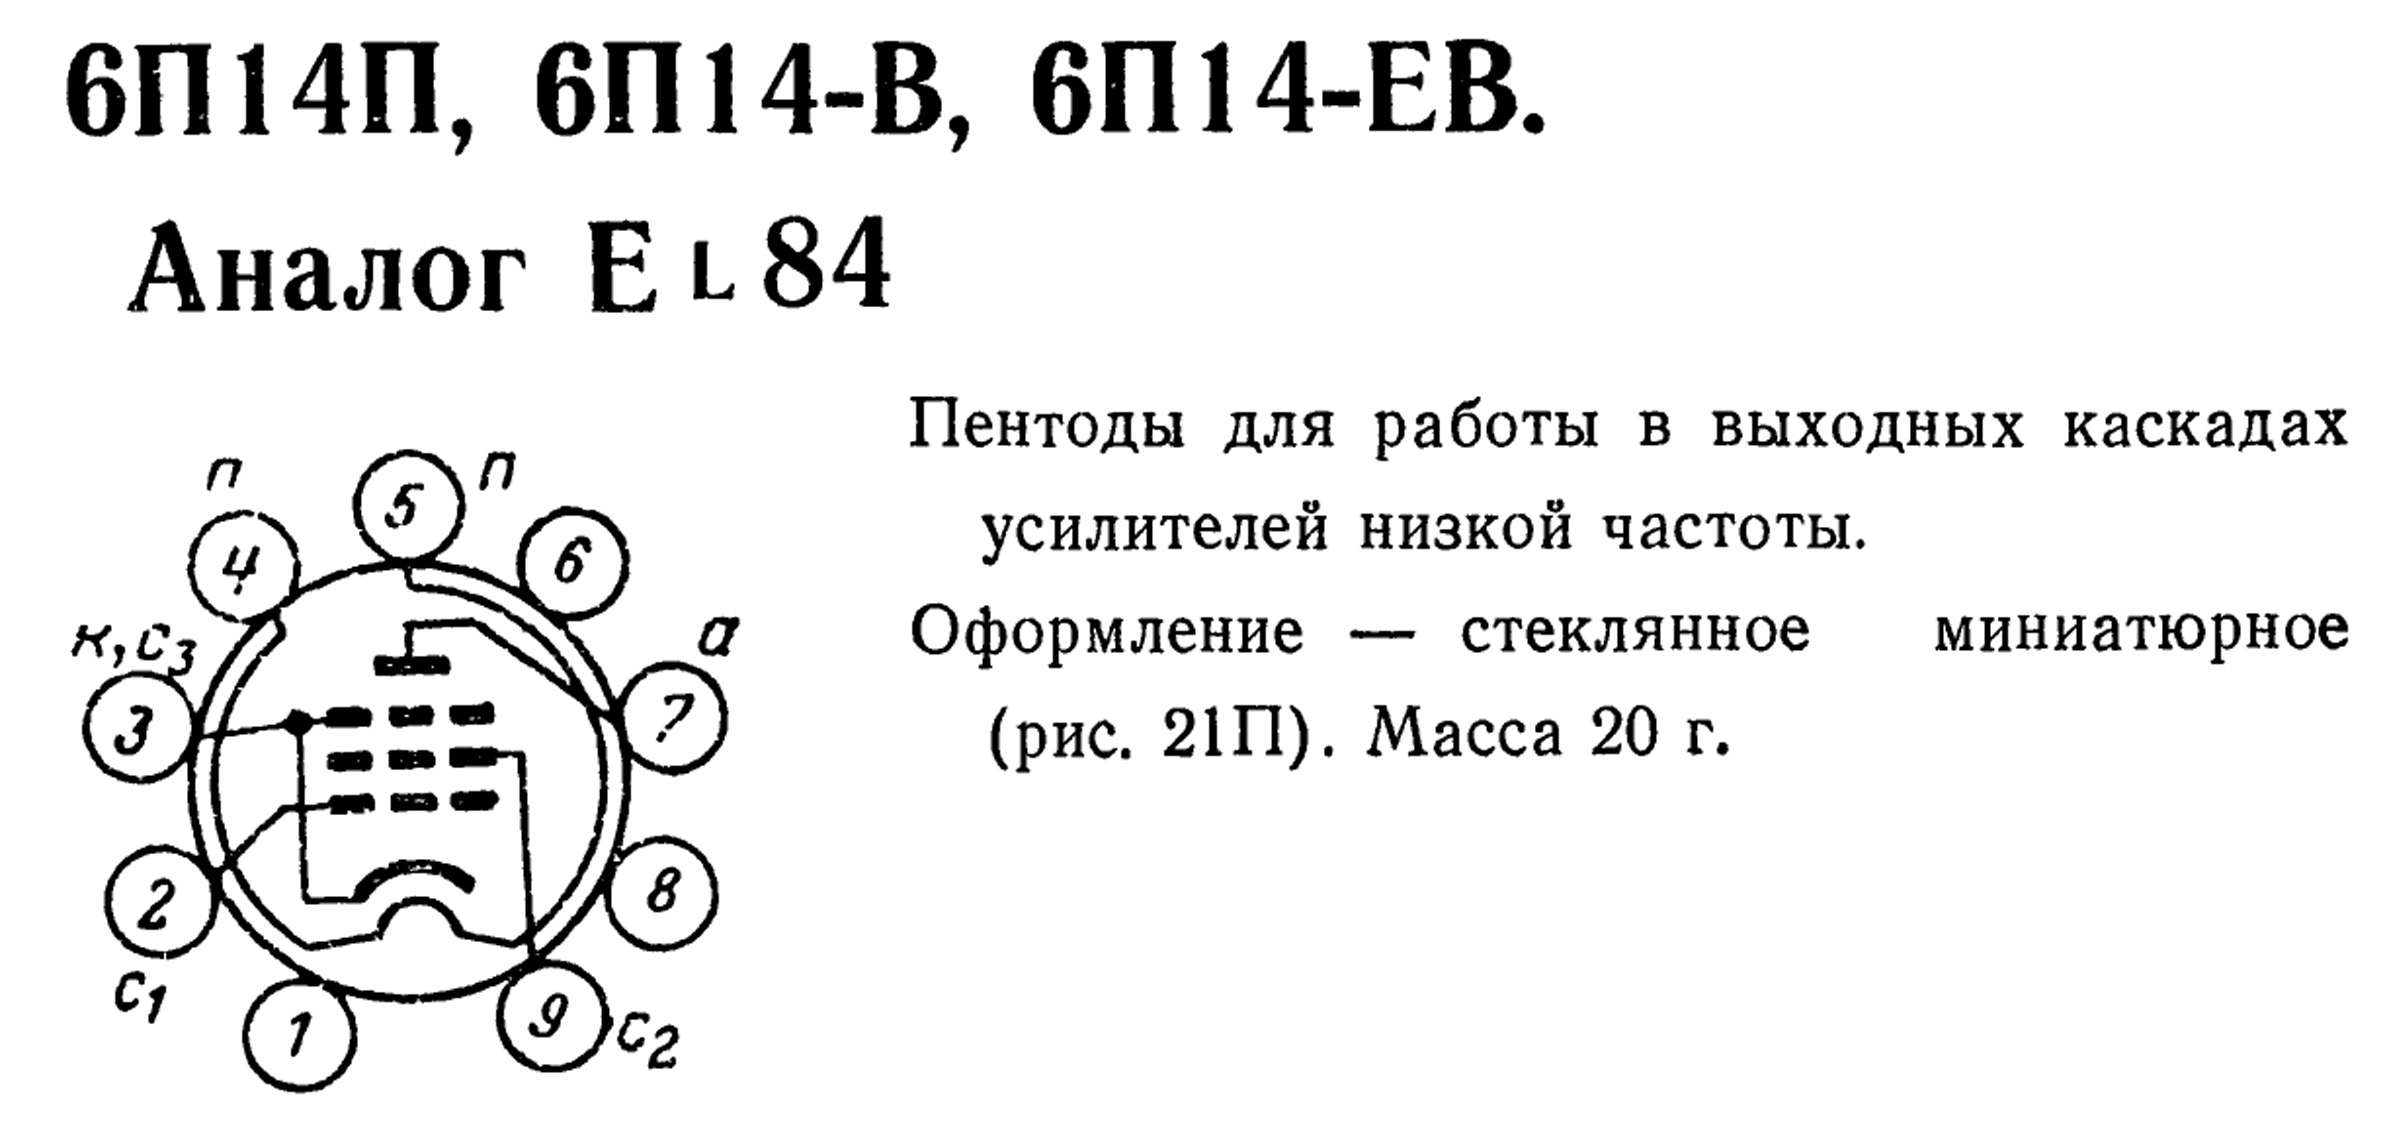 Параметры радиолампы 6П14П (В, ЕВ, EL84)